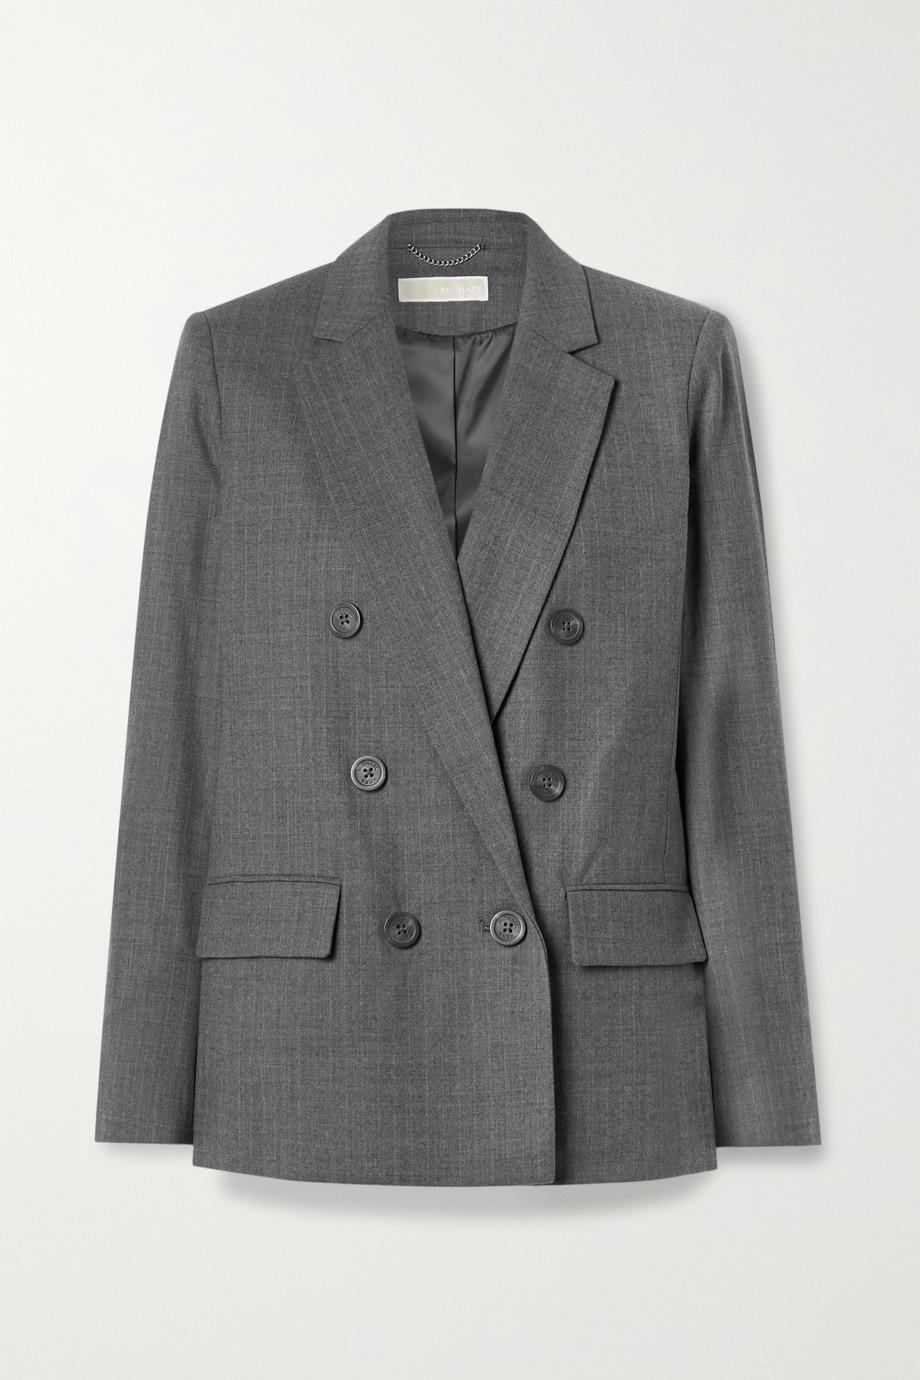 MICHAEL Michael Kors Doppelreihiger Blazer aus einer Wollmischung